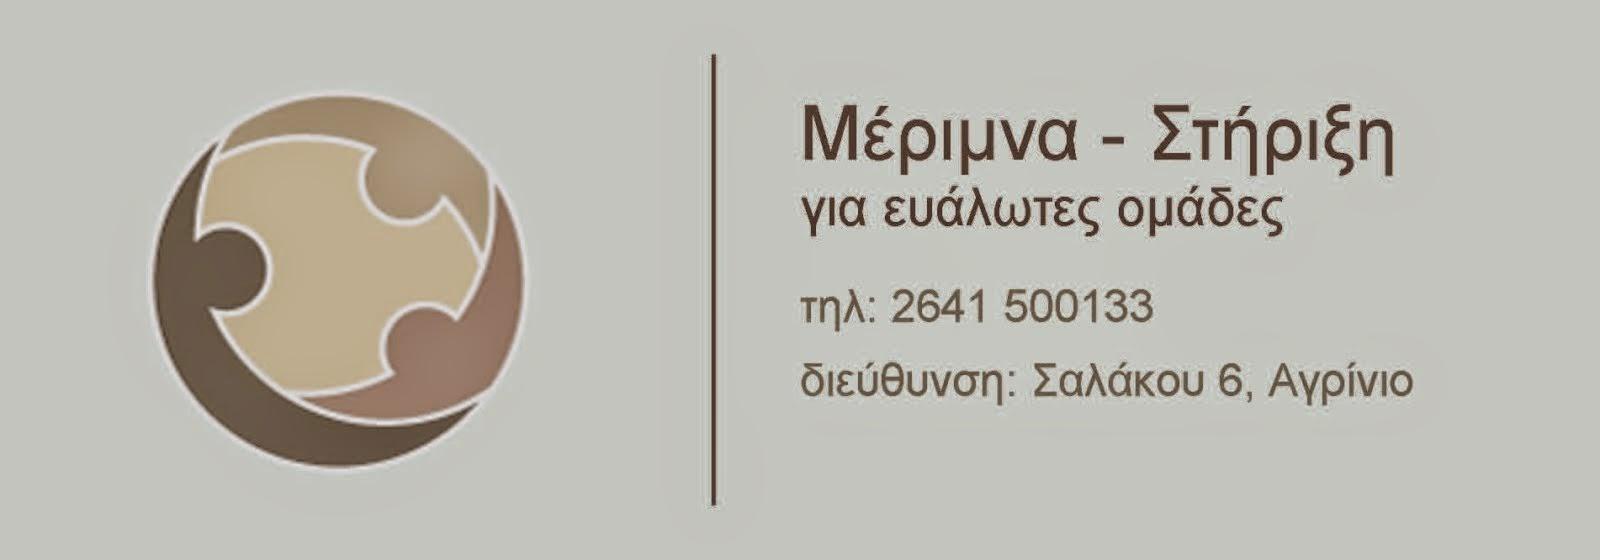 ΜΕΡΙΜΝΑ - ΣΤΗΡΙΞΗ